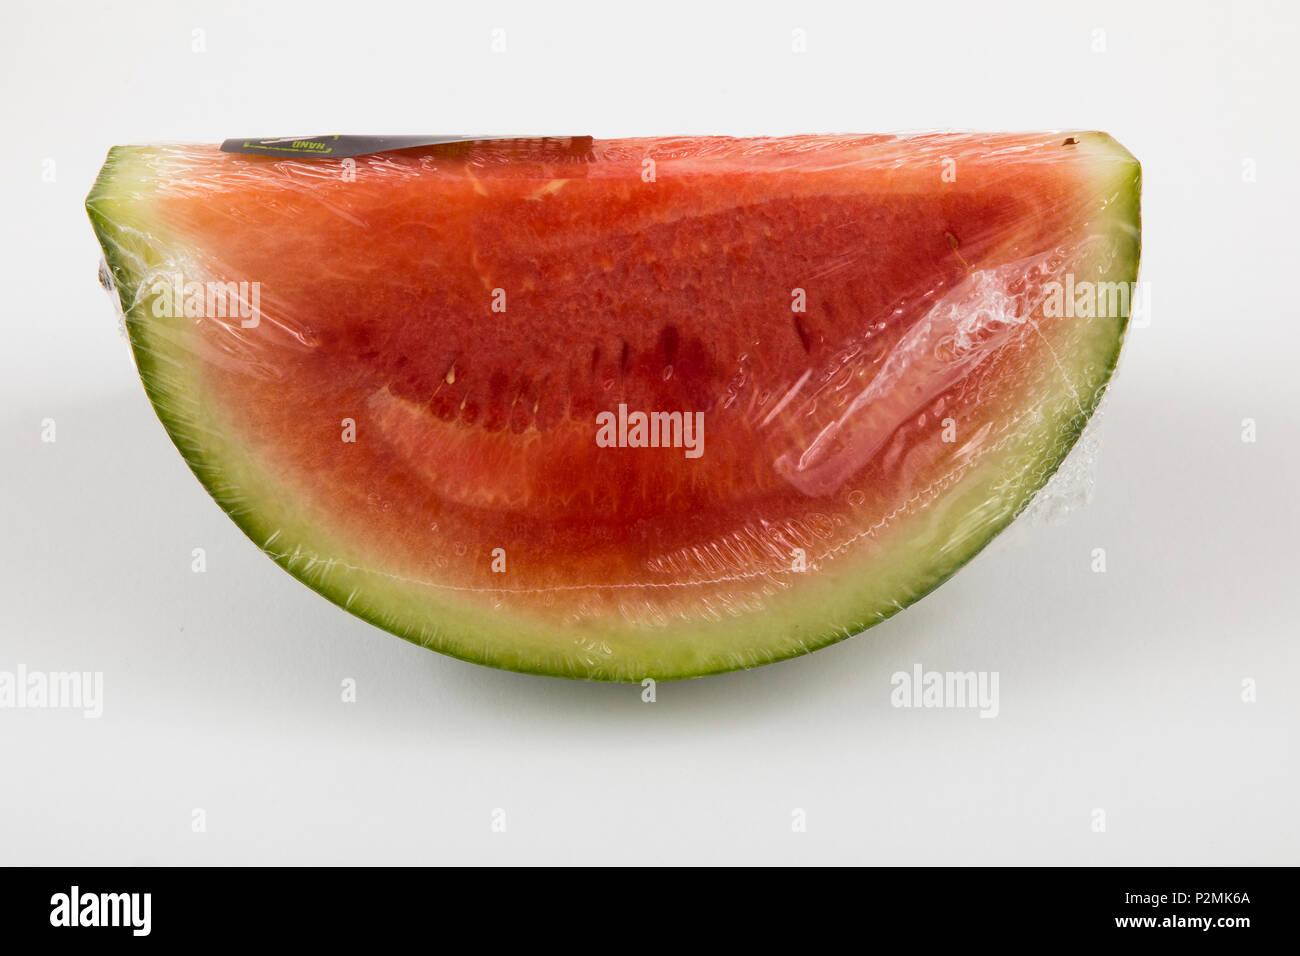 Frische Lebensmittel, Obst, jedes einzeln verpackt in der Plastikverpackung, alle Essen im gleichen Supermarkt auch ohne Verpackungen aus Kunststoff, watermel verfügbar ist Stockfoto